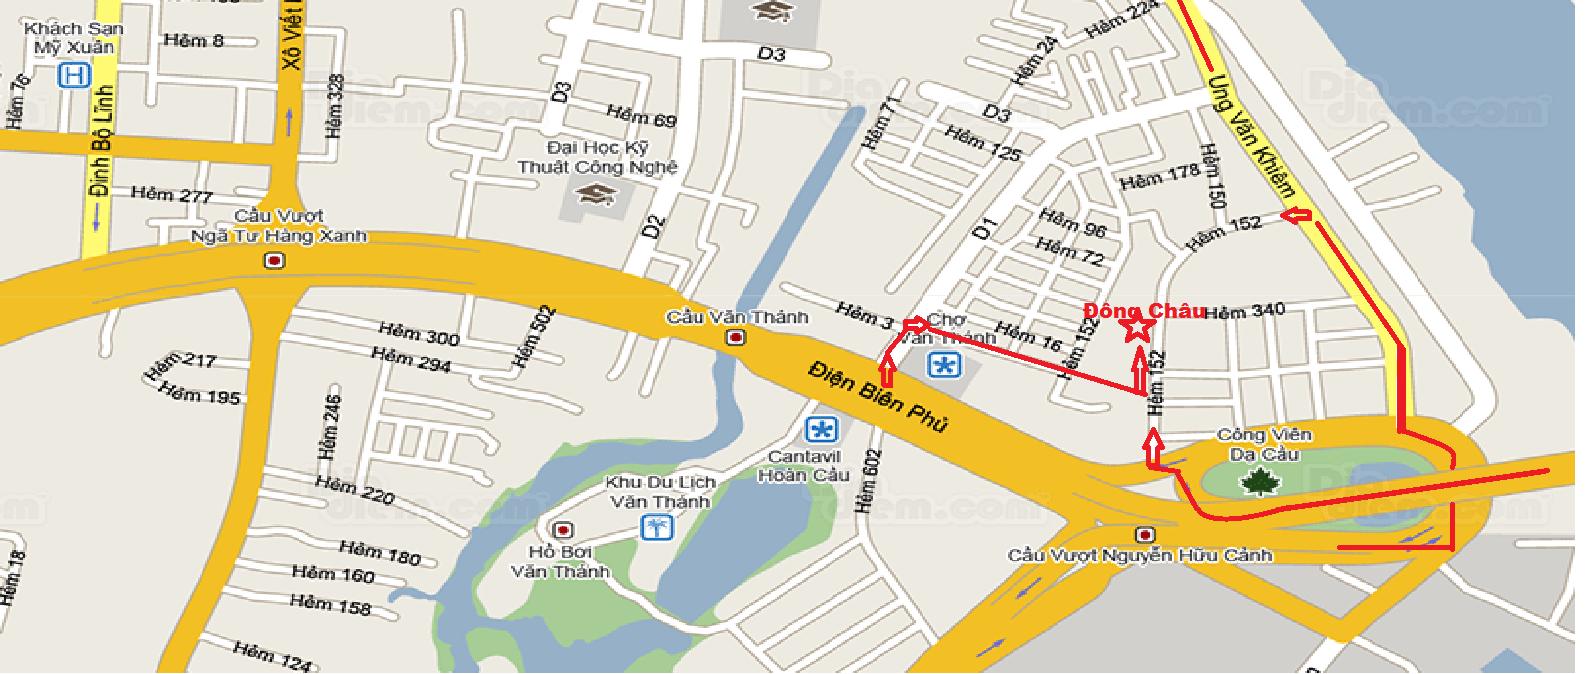 bản đồ hướng dẫn đến văn phòng